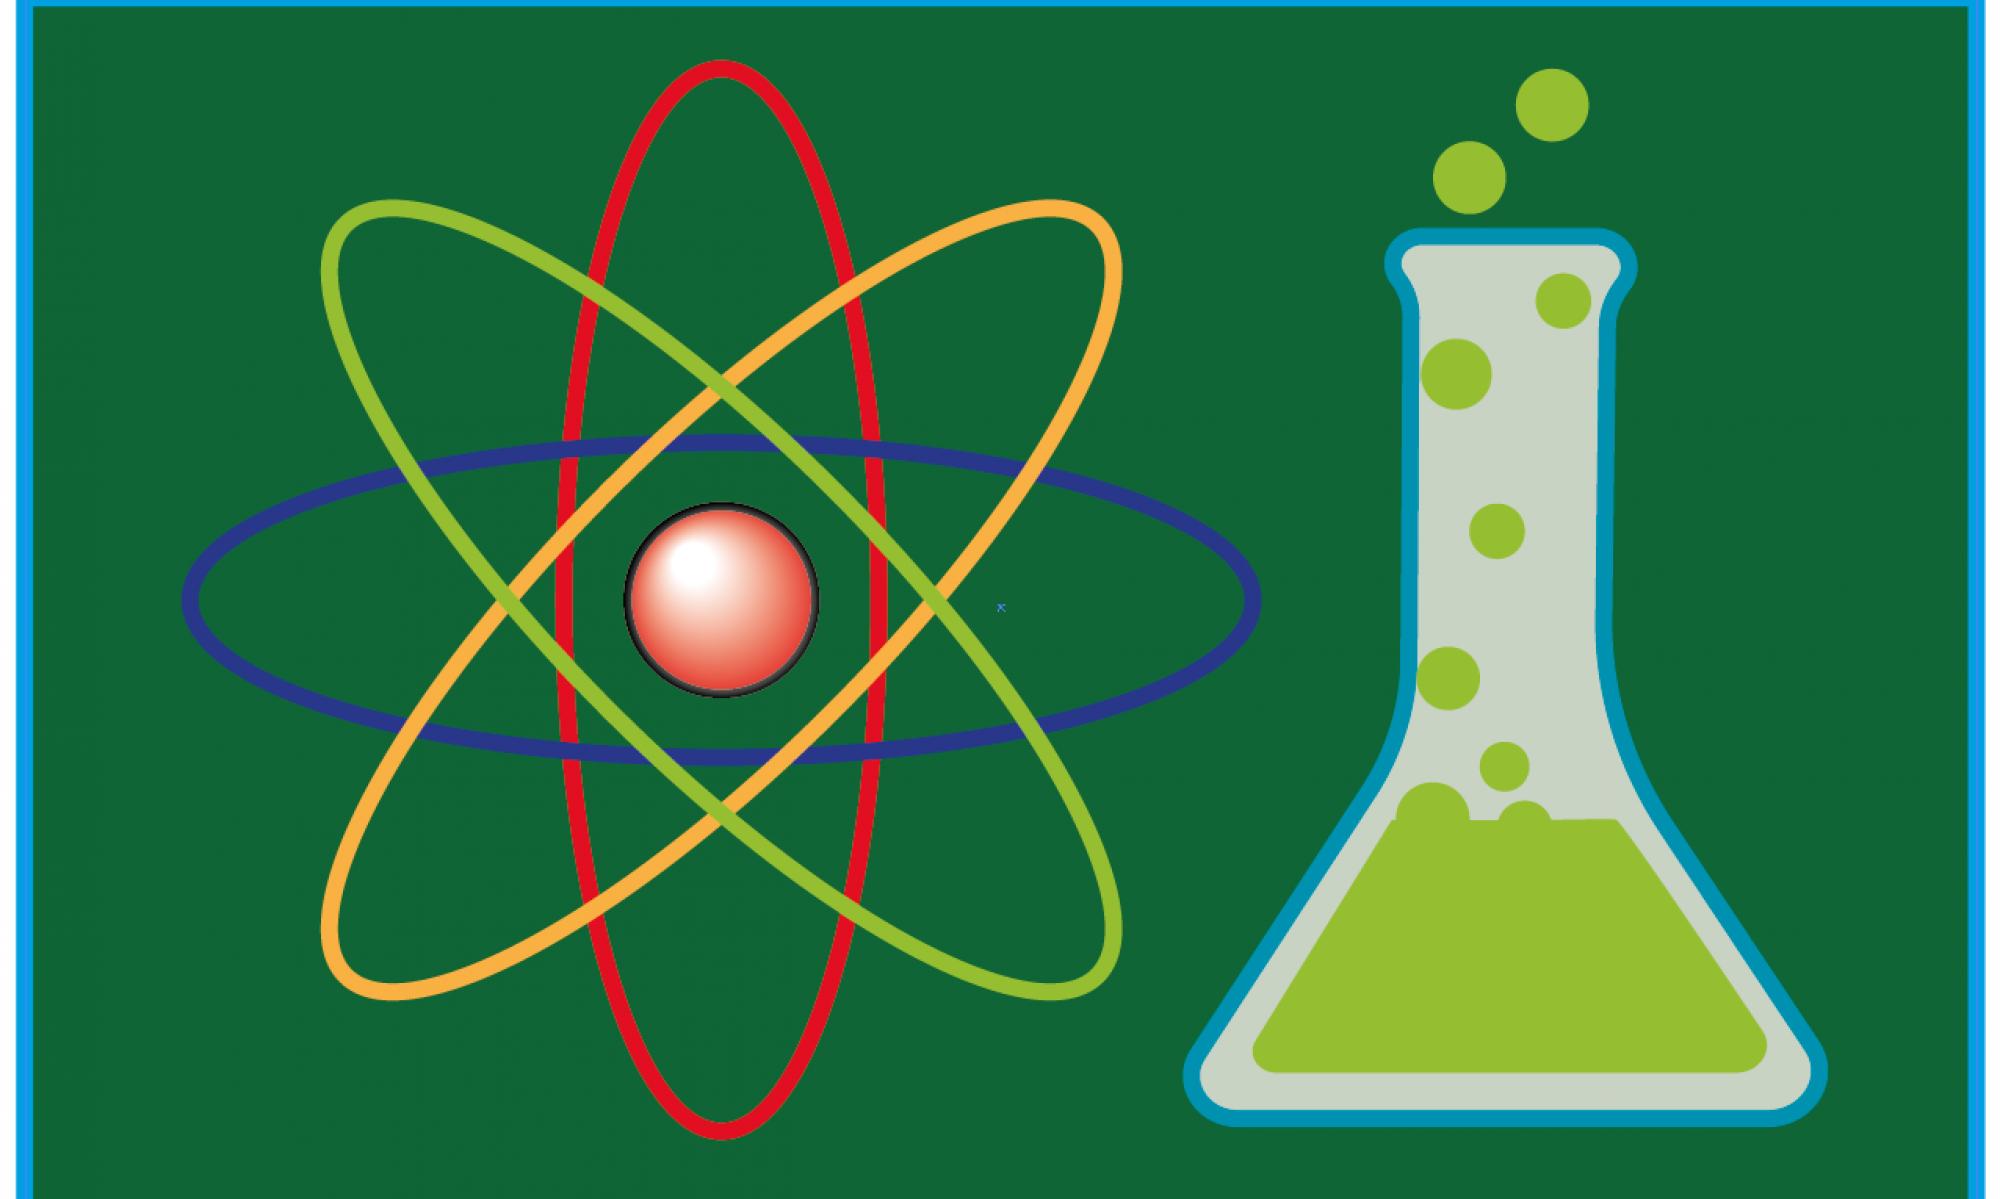 depto. de Fisica y Quimica